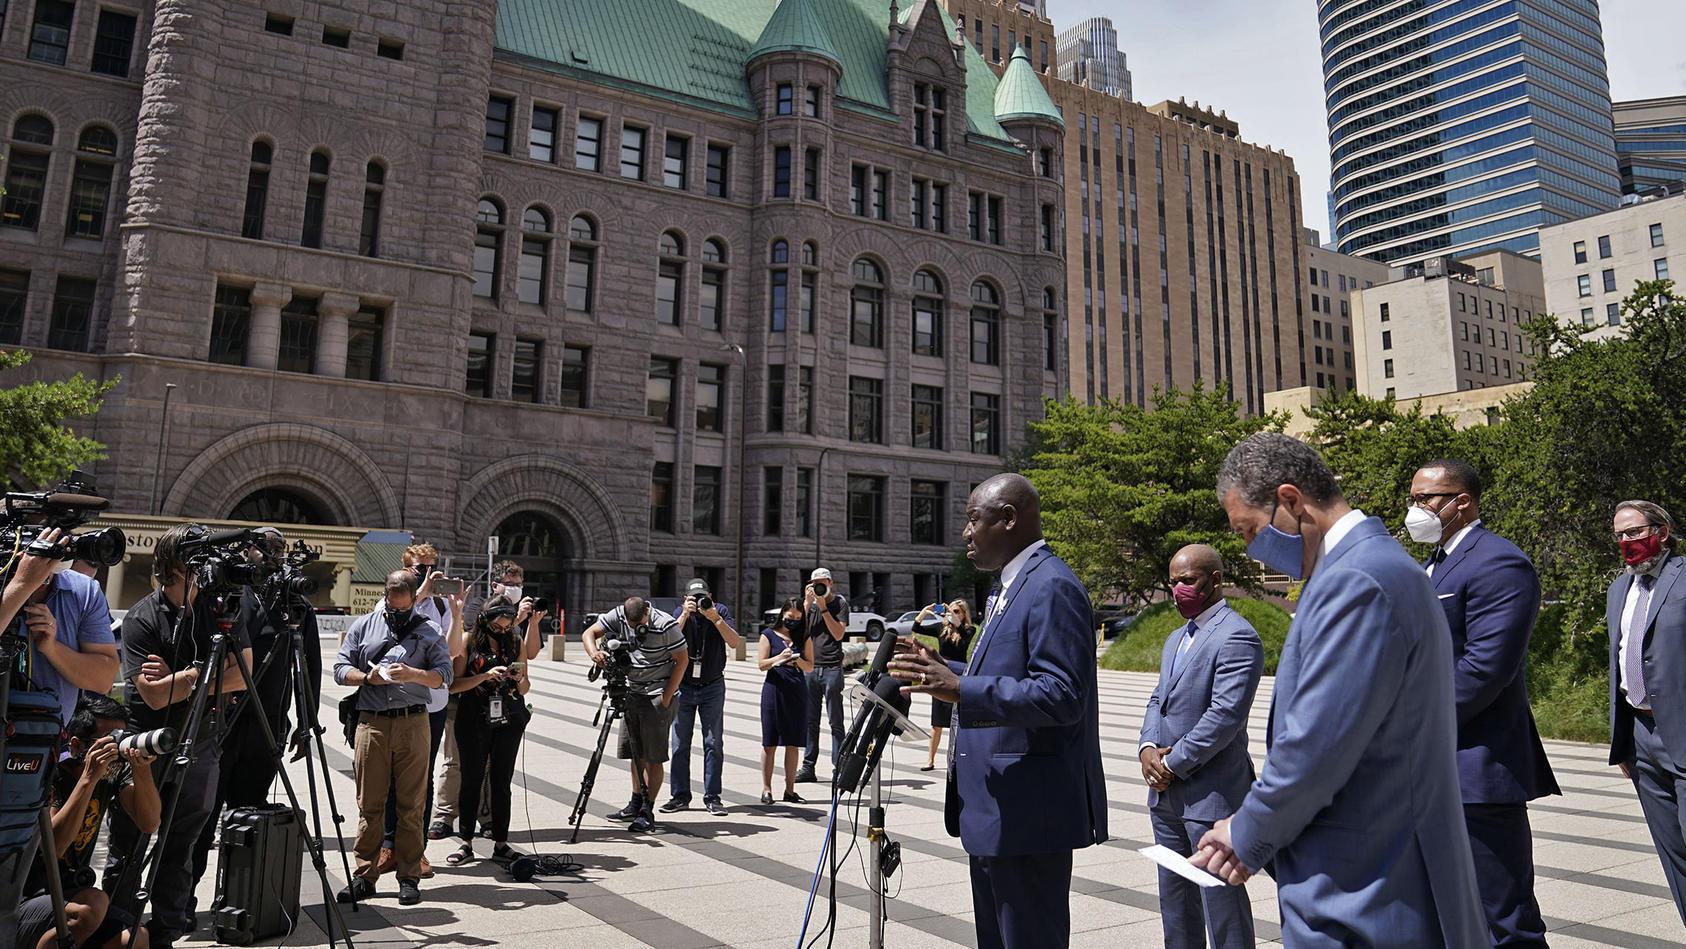 Der Anwalt der Familie des getöteten George Floyds teilt der Presse die Details der Eingereichten Klage mit.